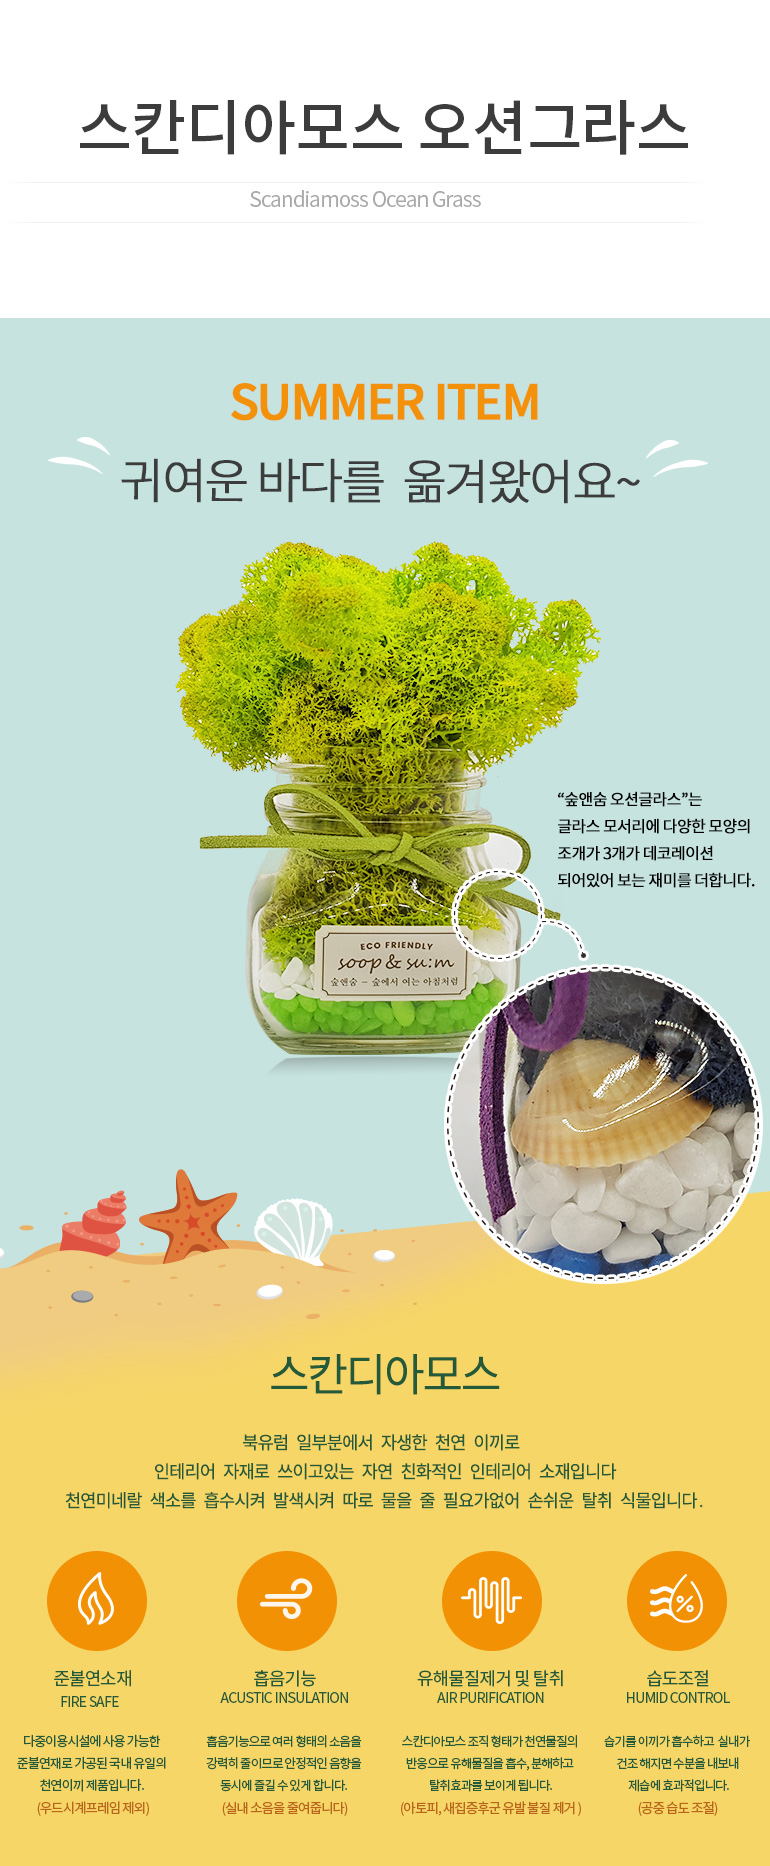 숲앤숨 스칸디아모스 오션그라스 - 숲앤숨, 18,810원, 허브/다육/선인장, 공기정화식물